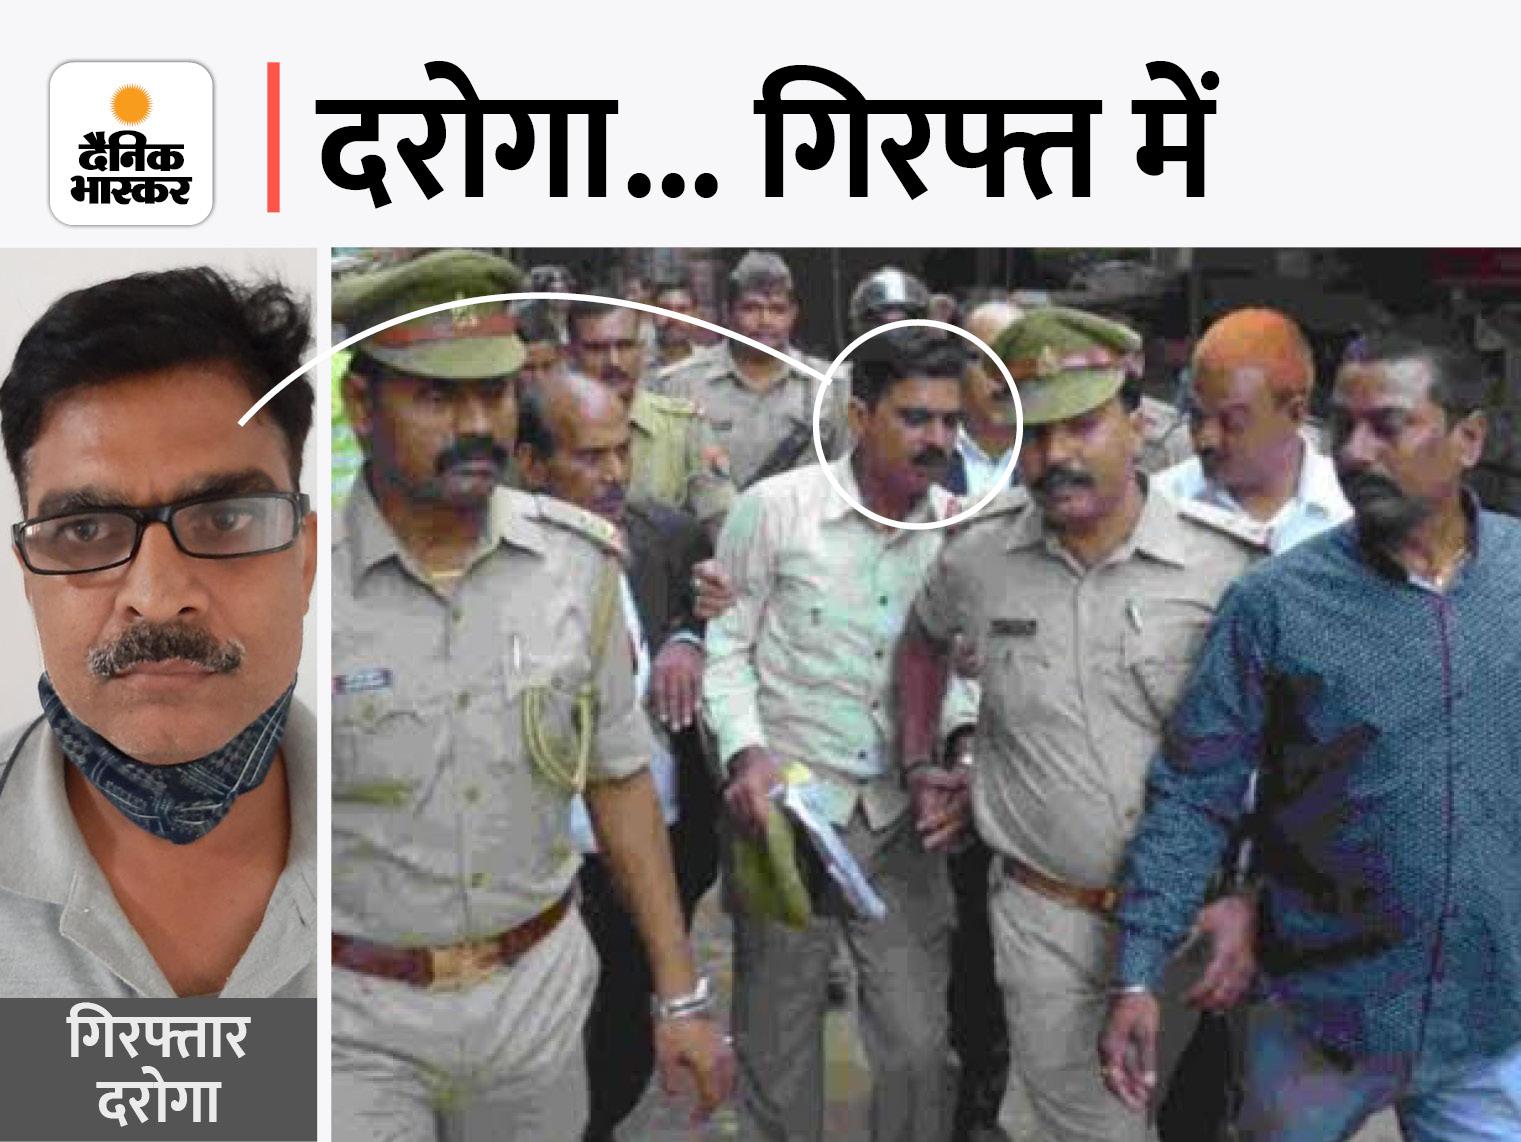 डेढ़ साल से राजनीतिक दबाव के चलते बचता रहा; वाराणसी से इंस्पेक्टर की ट्रेनिंग के लिए सीतापुर गया था, भेजा गया जेल|वाराणसी,Varanasi - Dainik Bhaskar